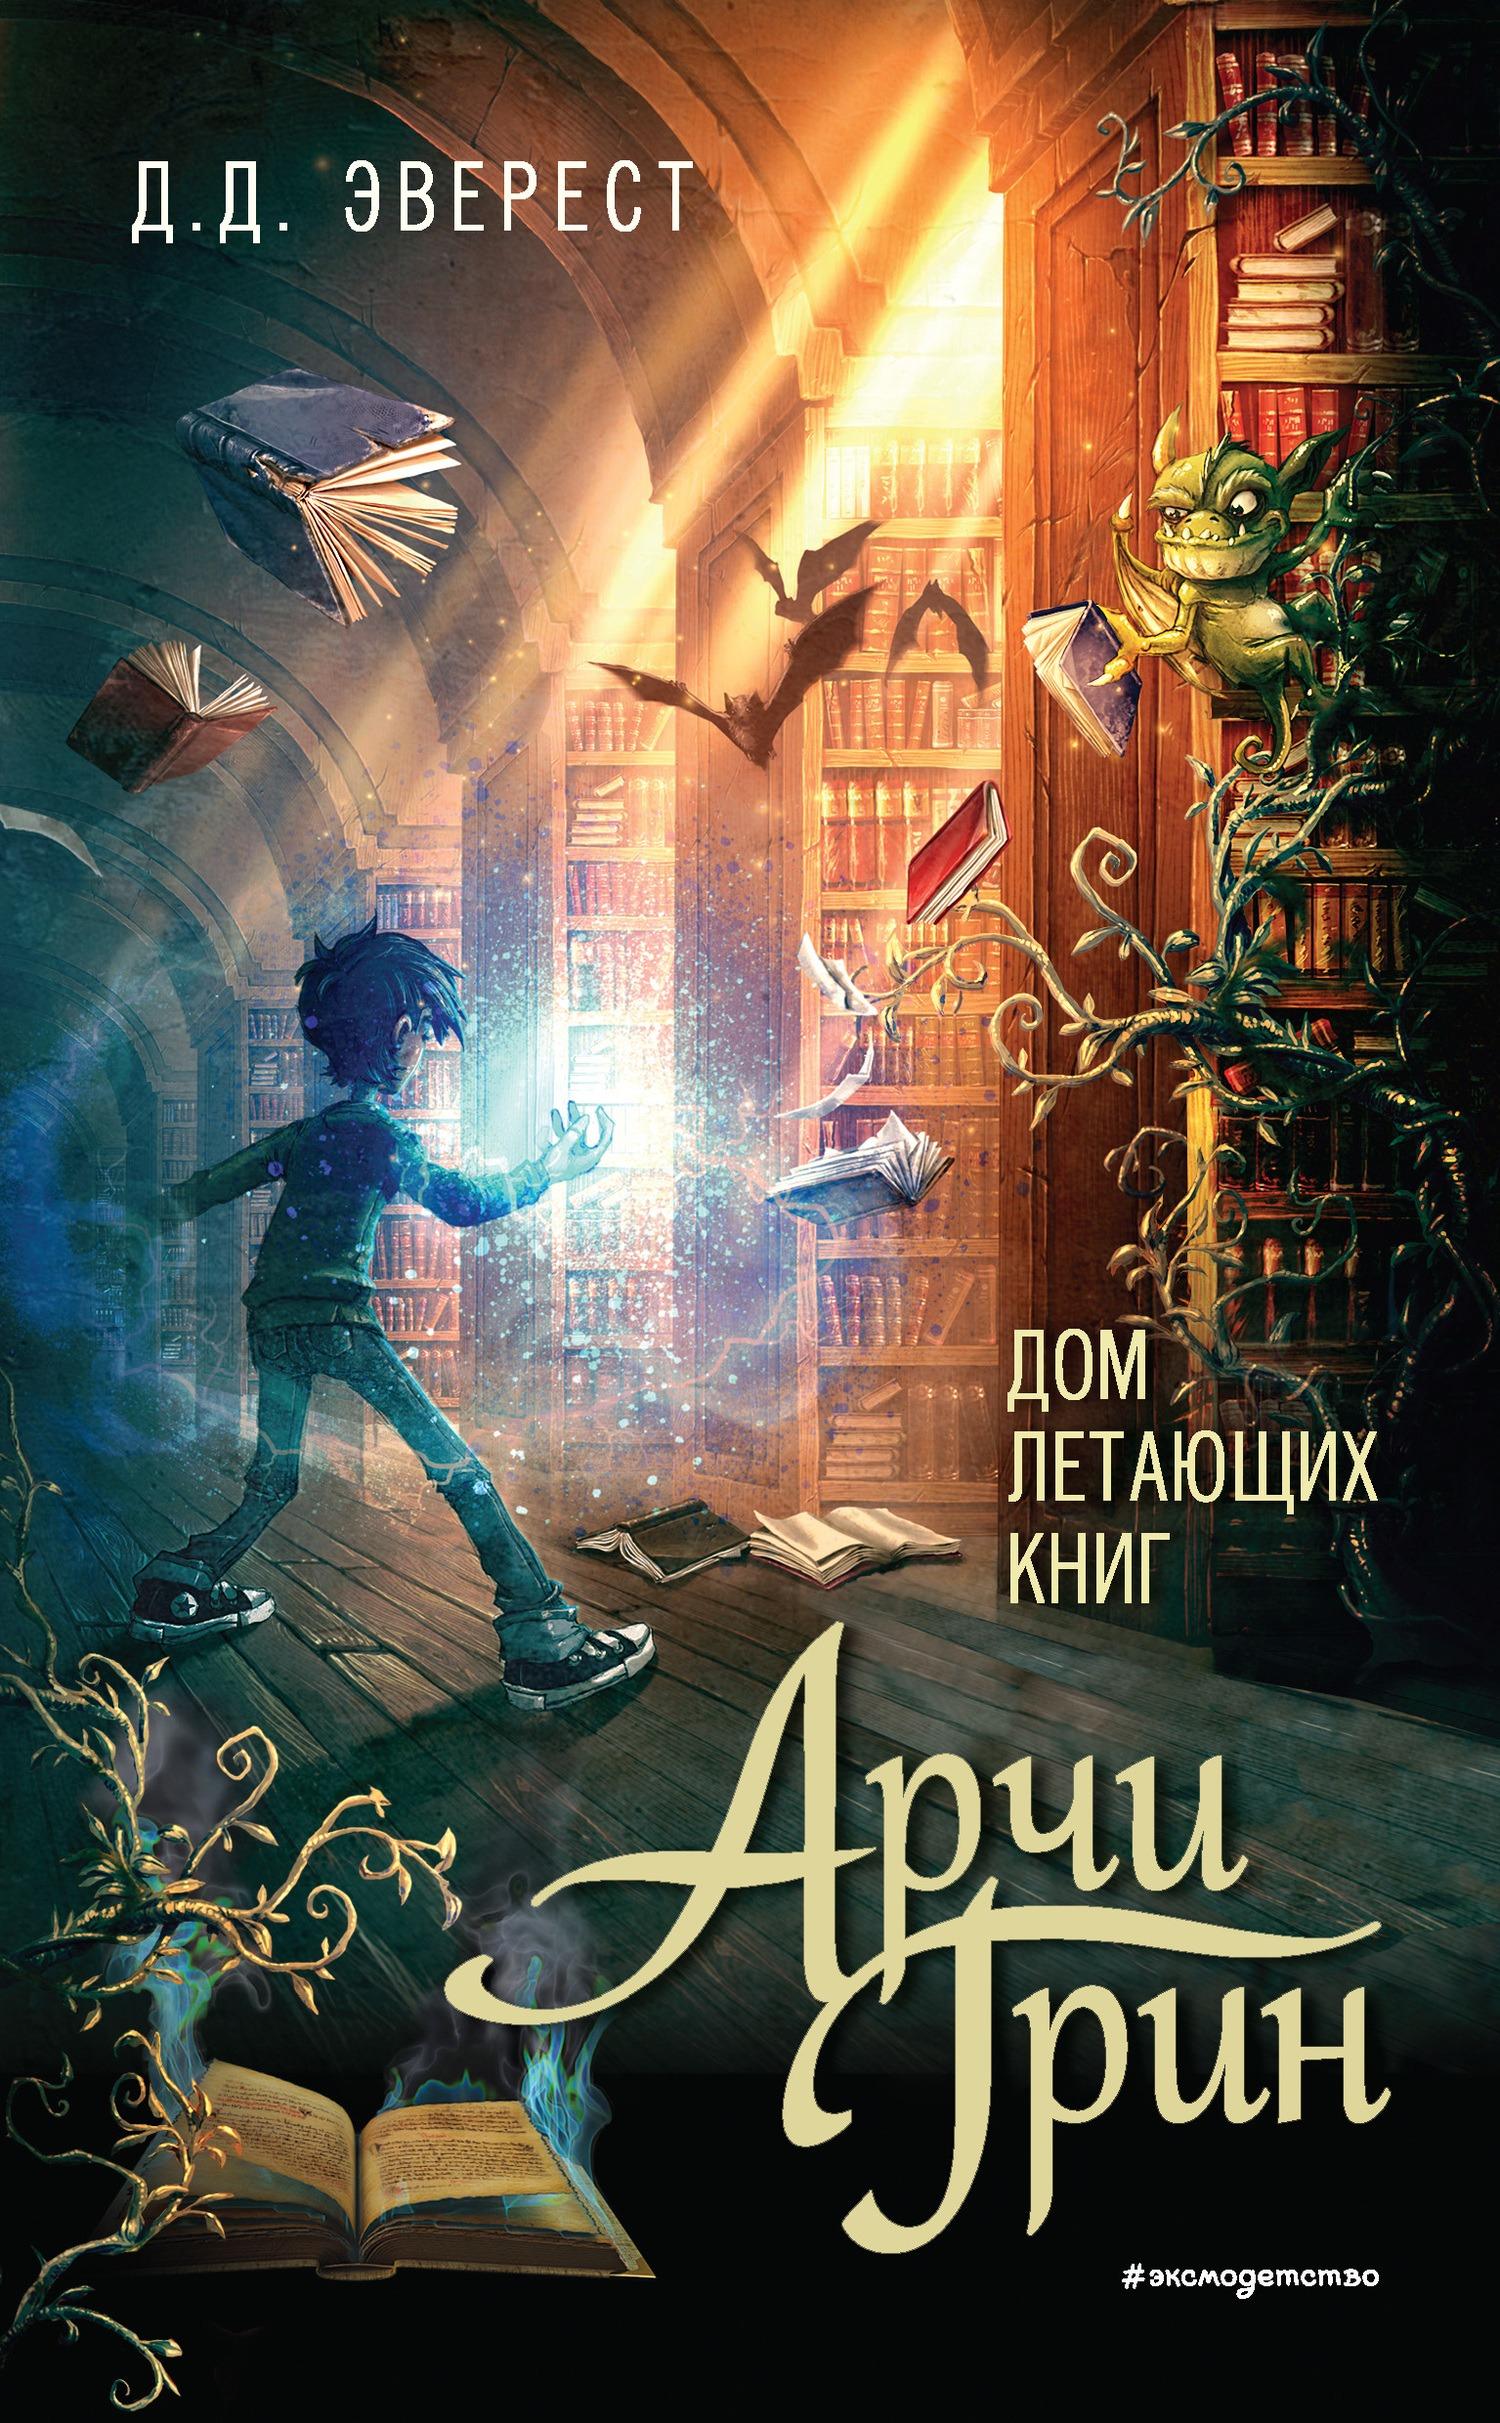 Арчи Грин и Дом летающих книг